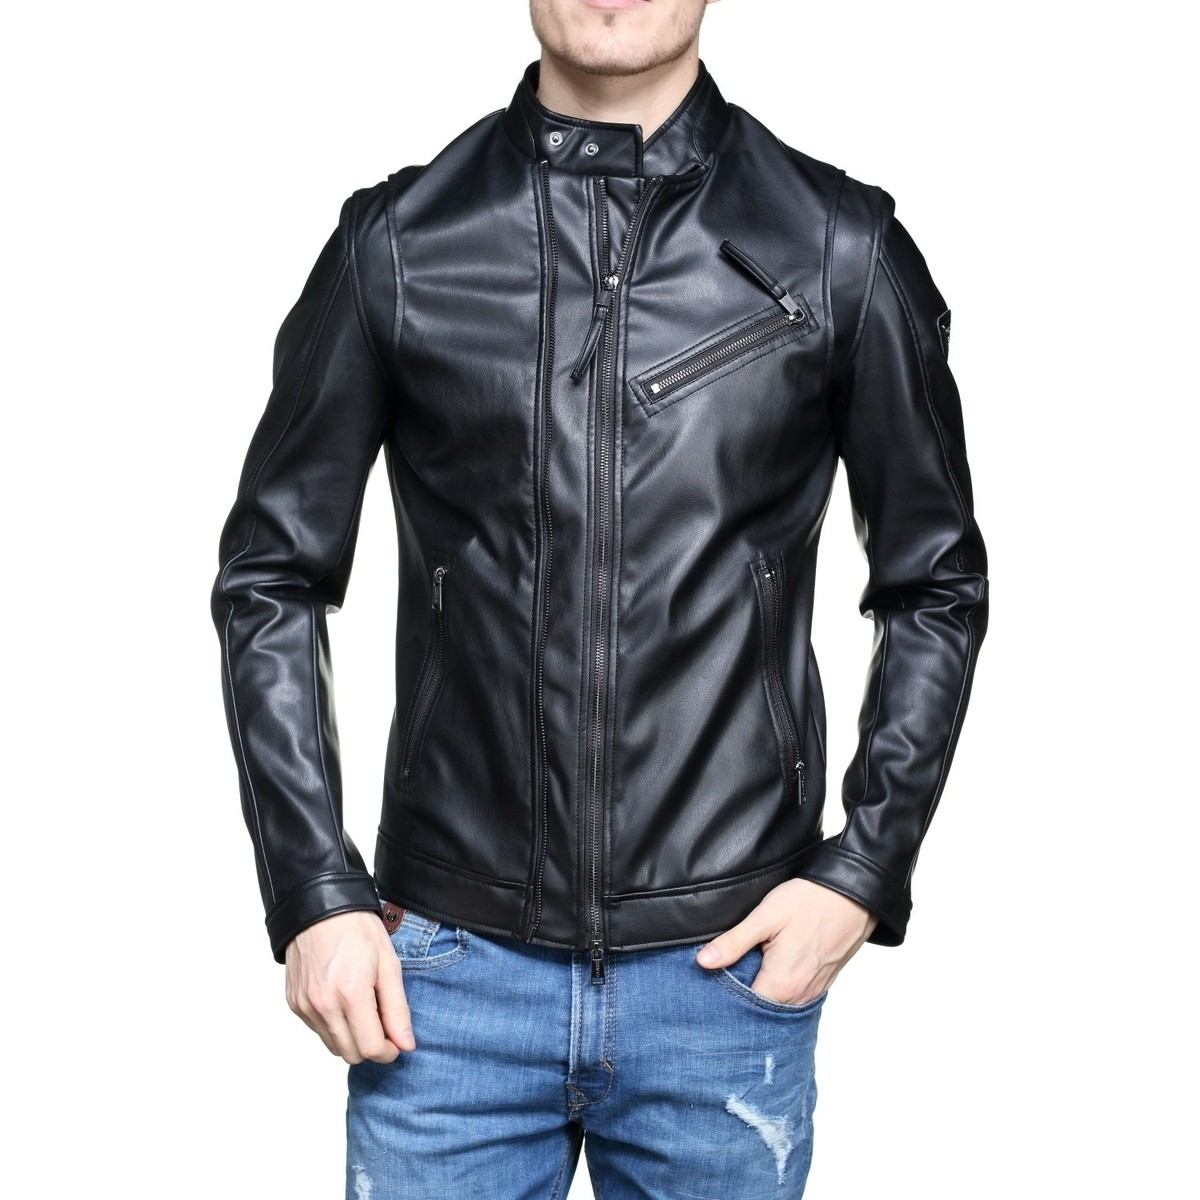 Jeans Jeans Style Blouson Homme M82l10 Guess Motard Noir Noir Noir dqtnwfnUF